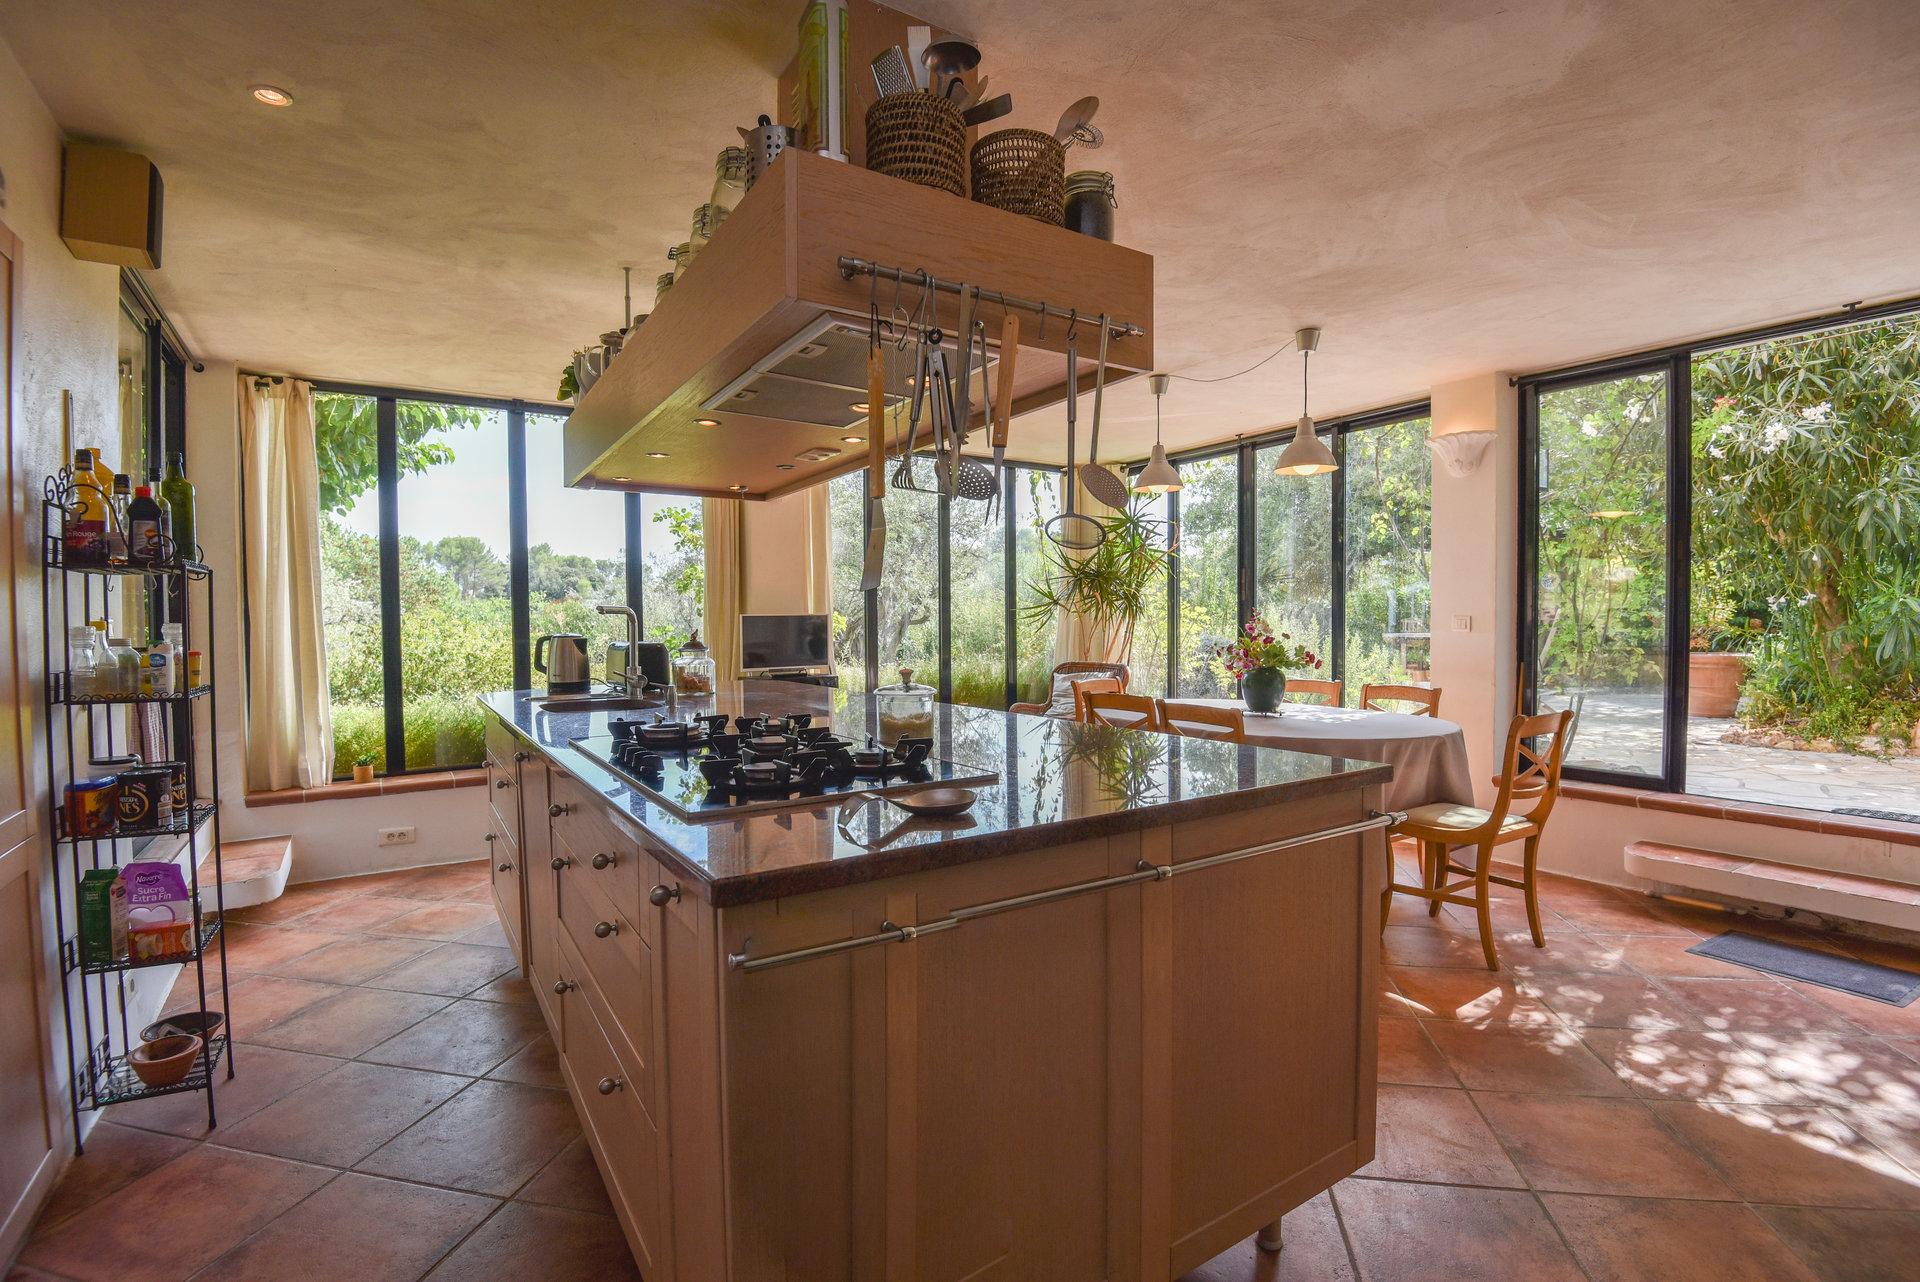 Verkauf Haus - Flayosc - Frankreich